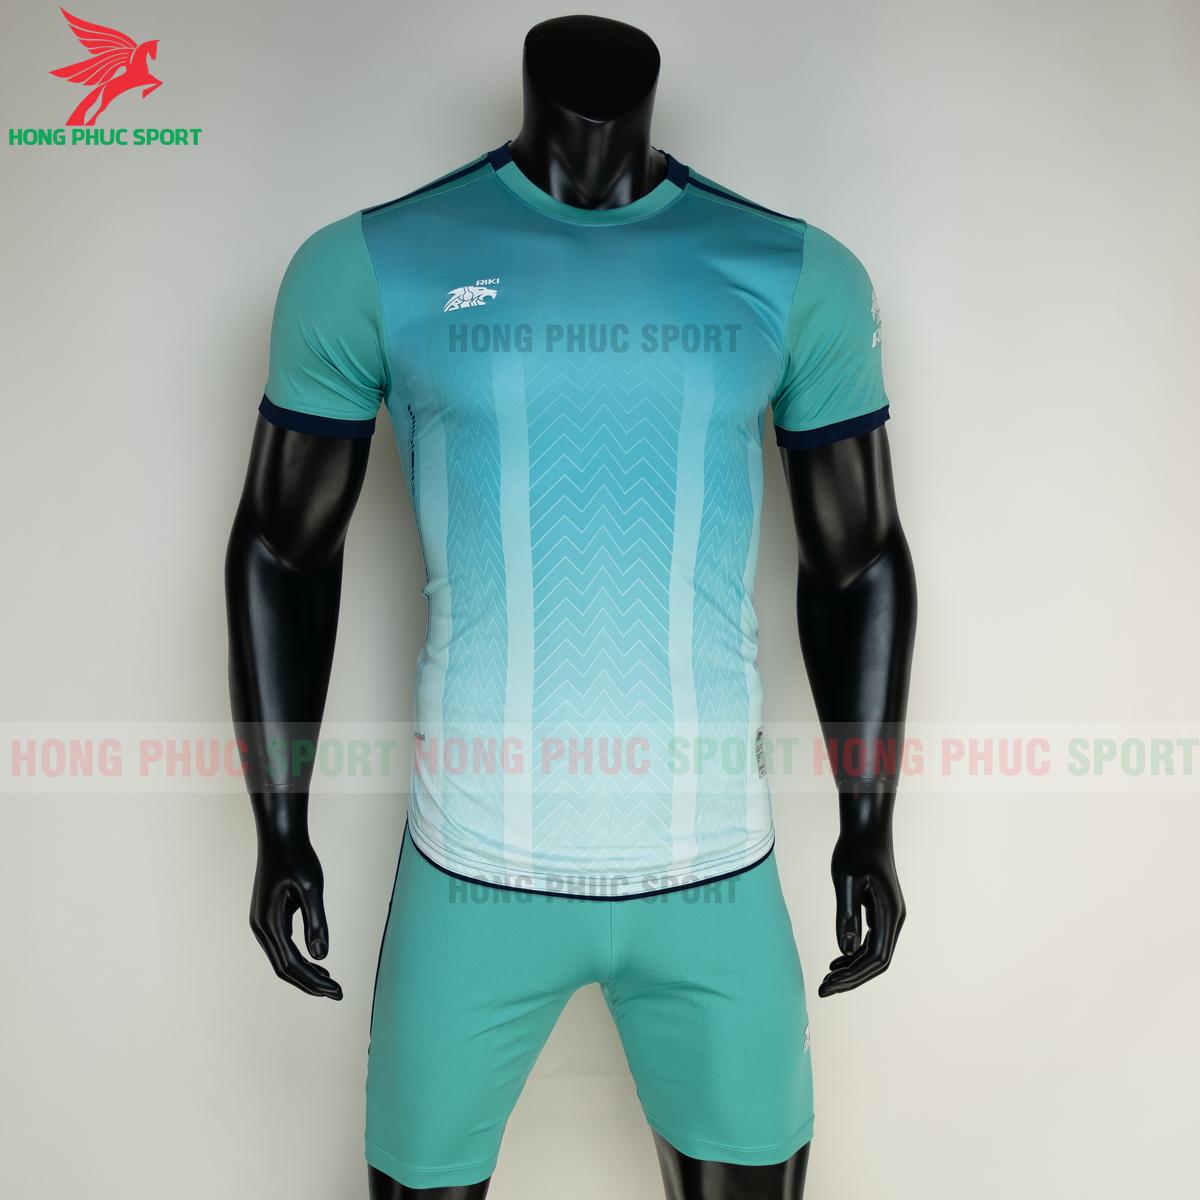 https://cdn.hongphucsport.com/unsafe/s4.shopbay.vn/files/285/ao-bong-da-khong-logo-riki-furior-mau-xanh-ngoc-2-60501a1f3ac58.png